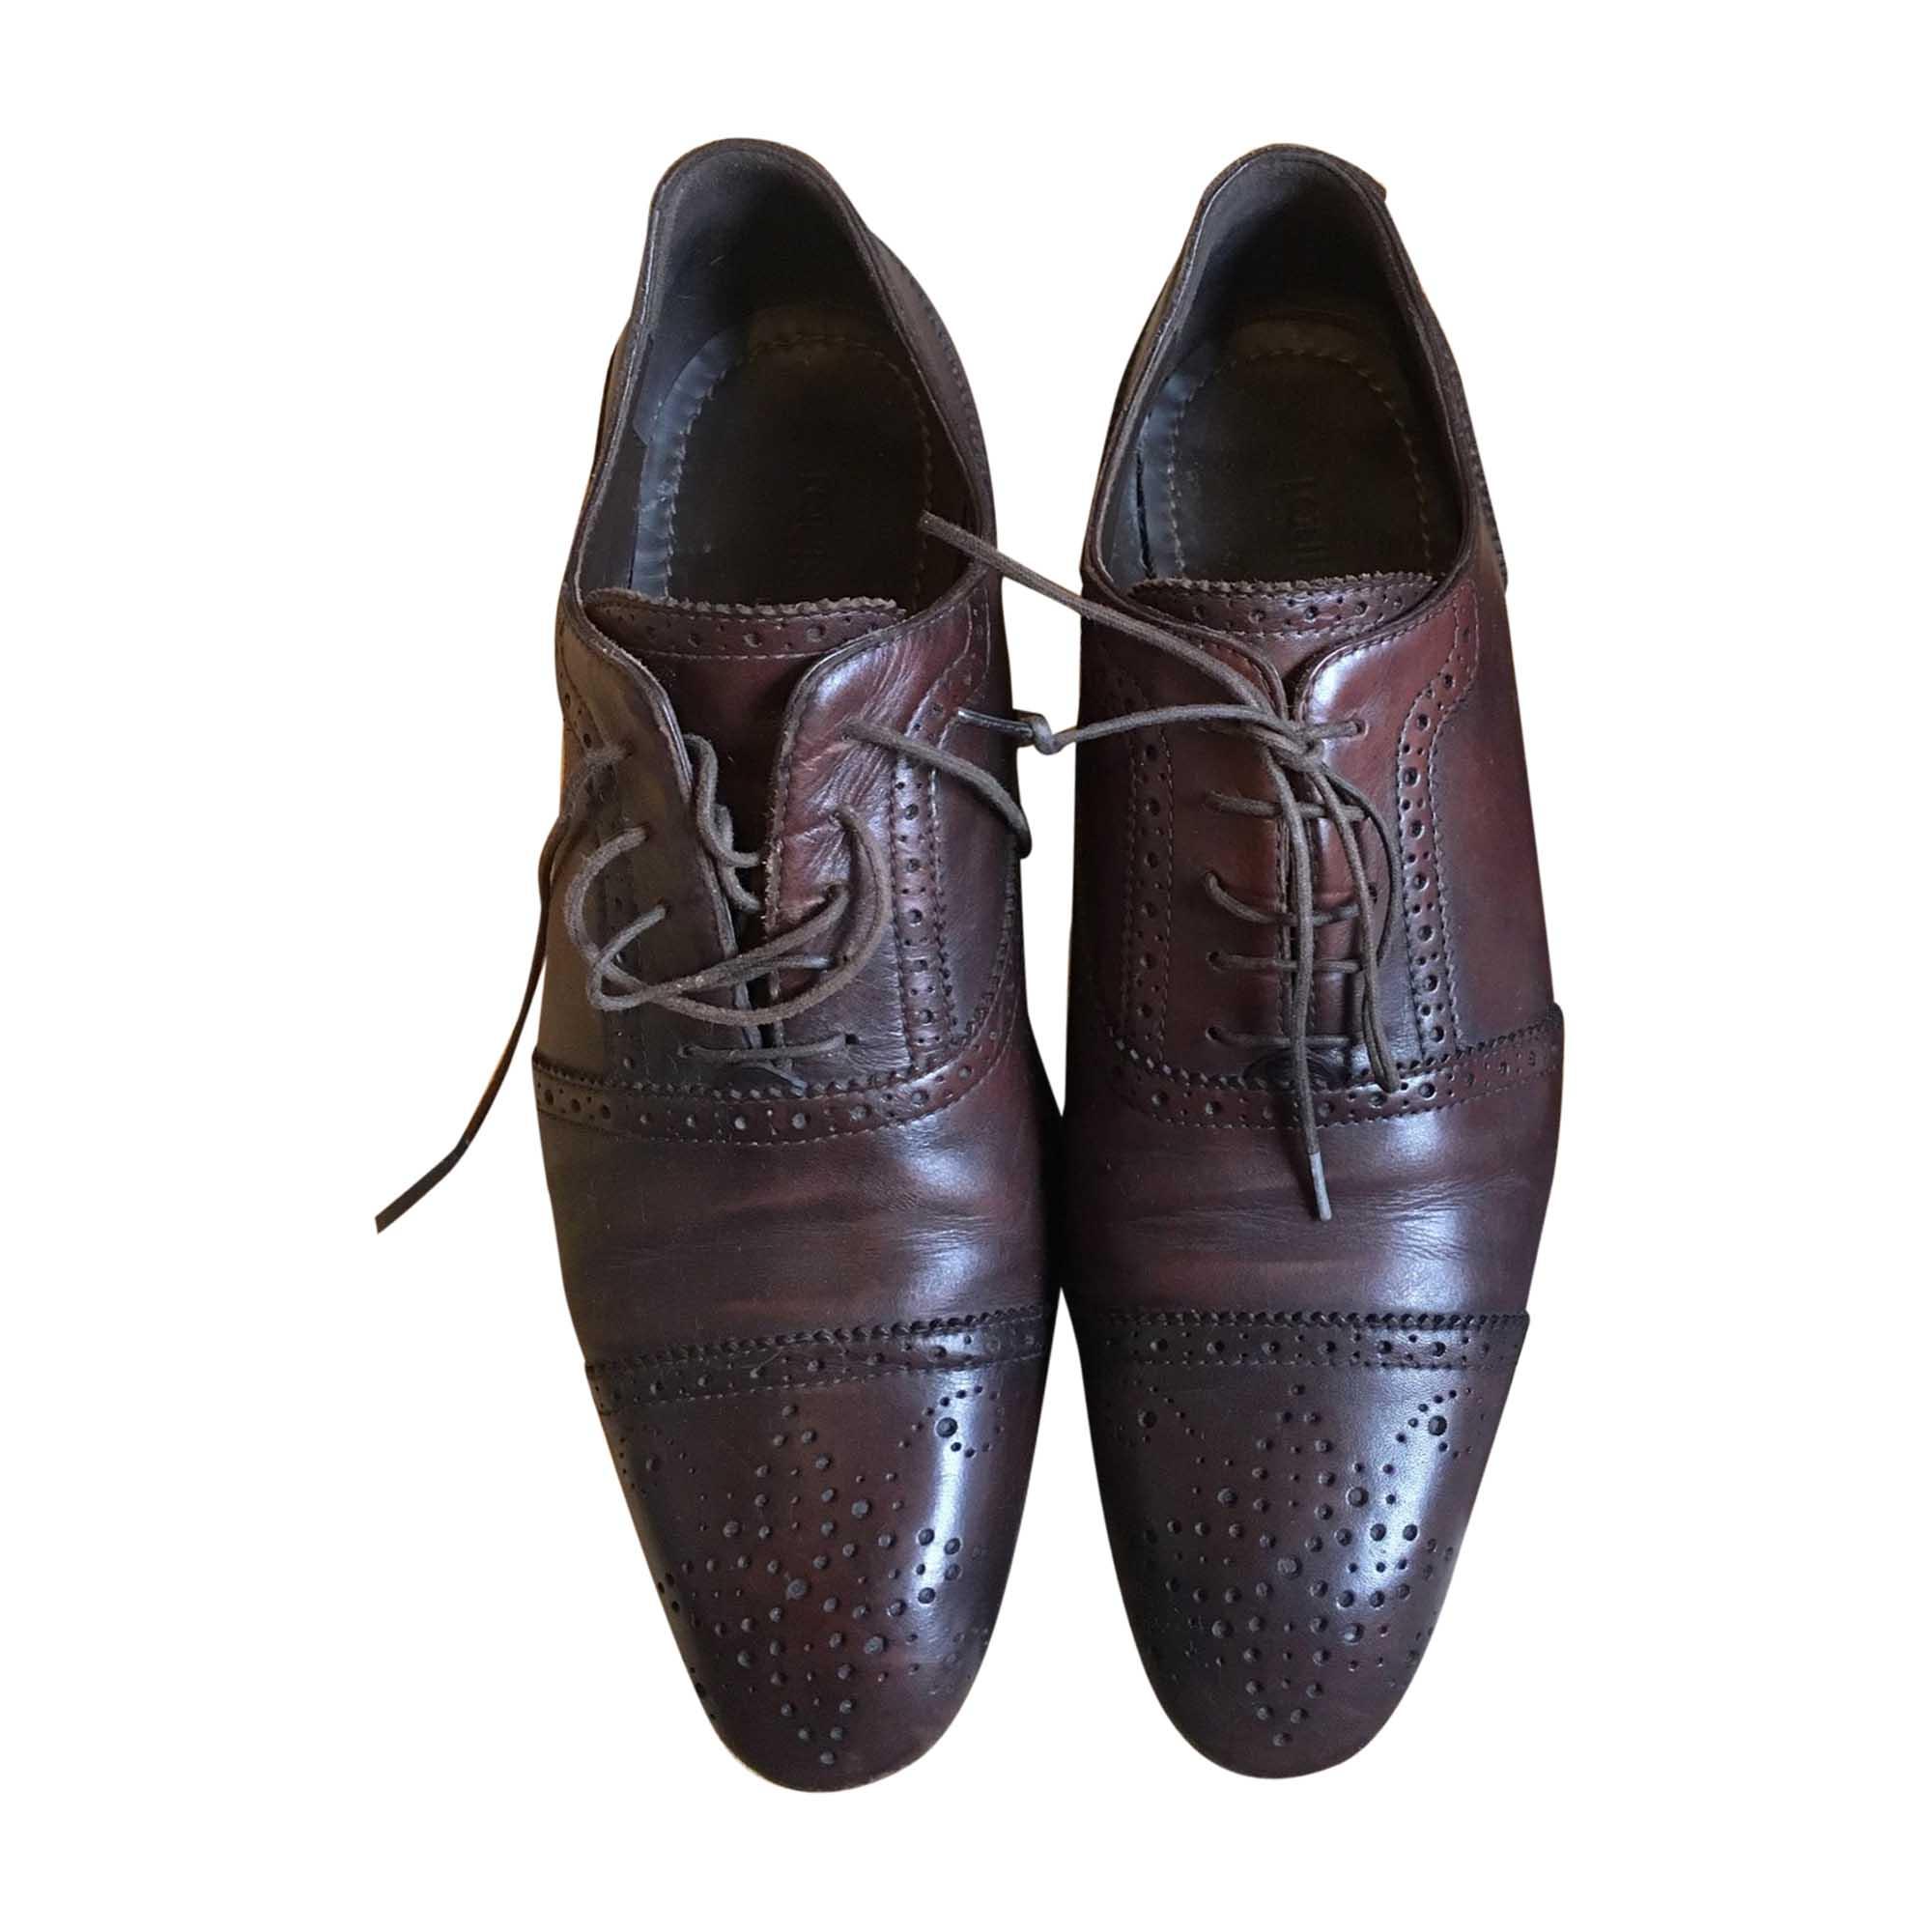 Lace Up Shoes LOUIS VUITTON Brown